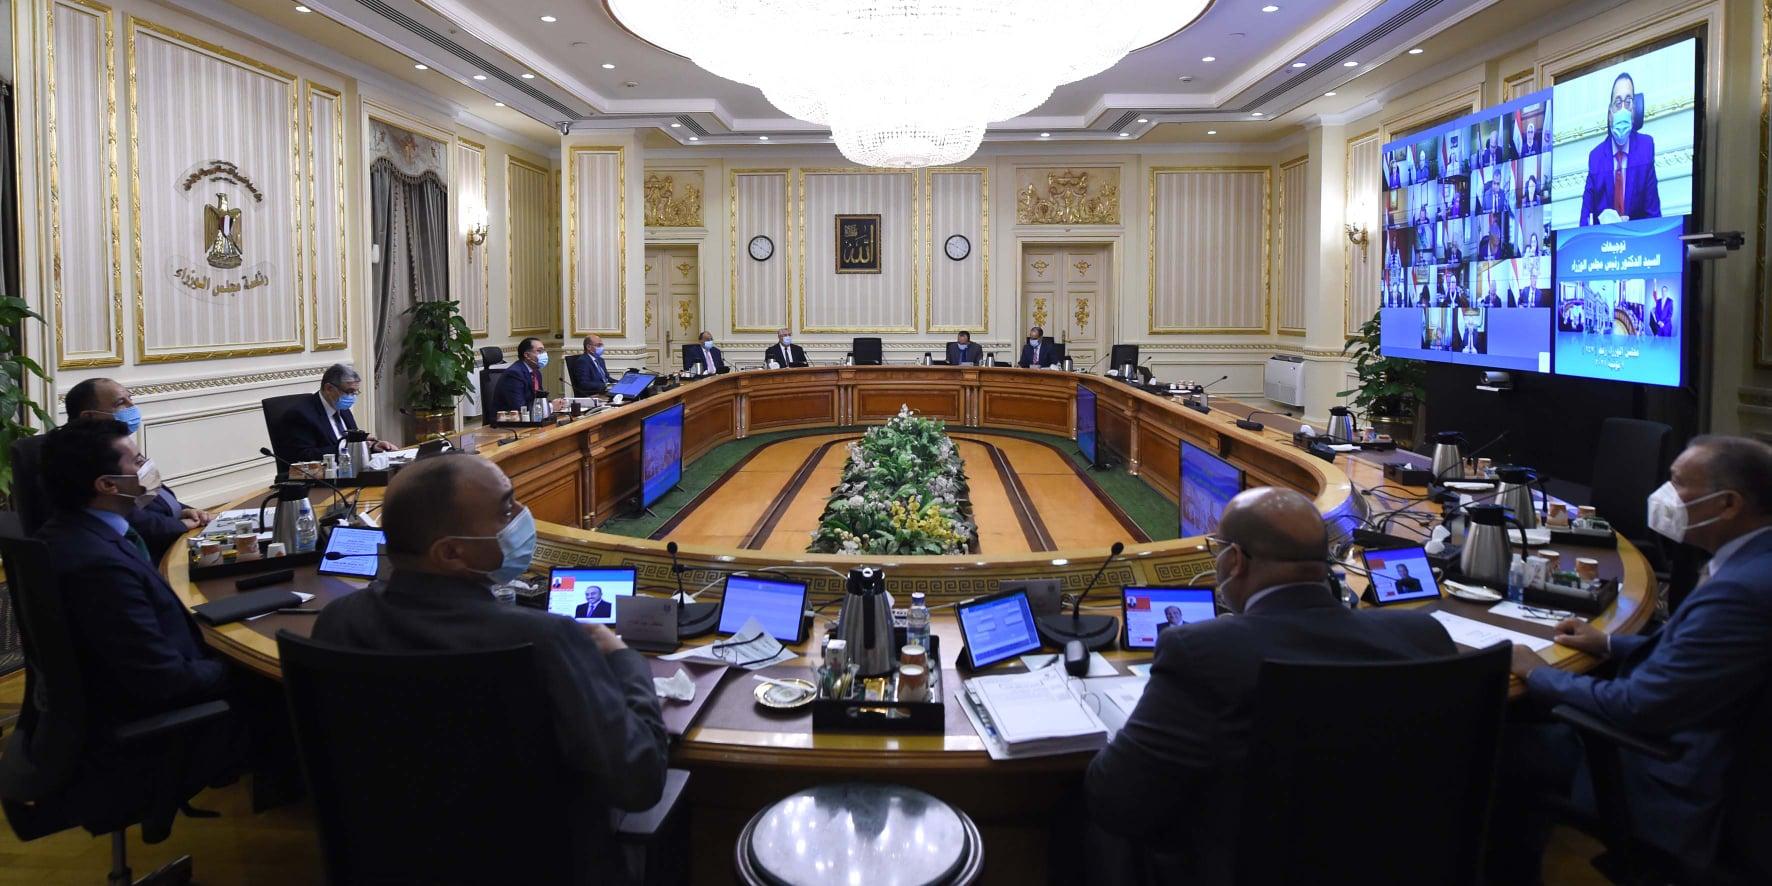 قرارات مجلس الوزراء اليوم